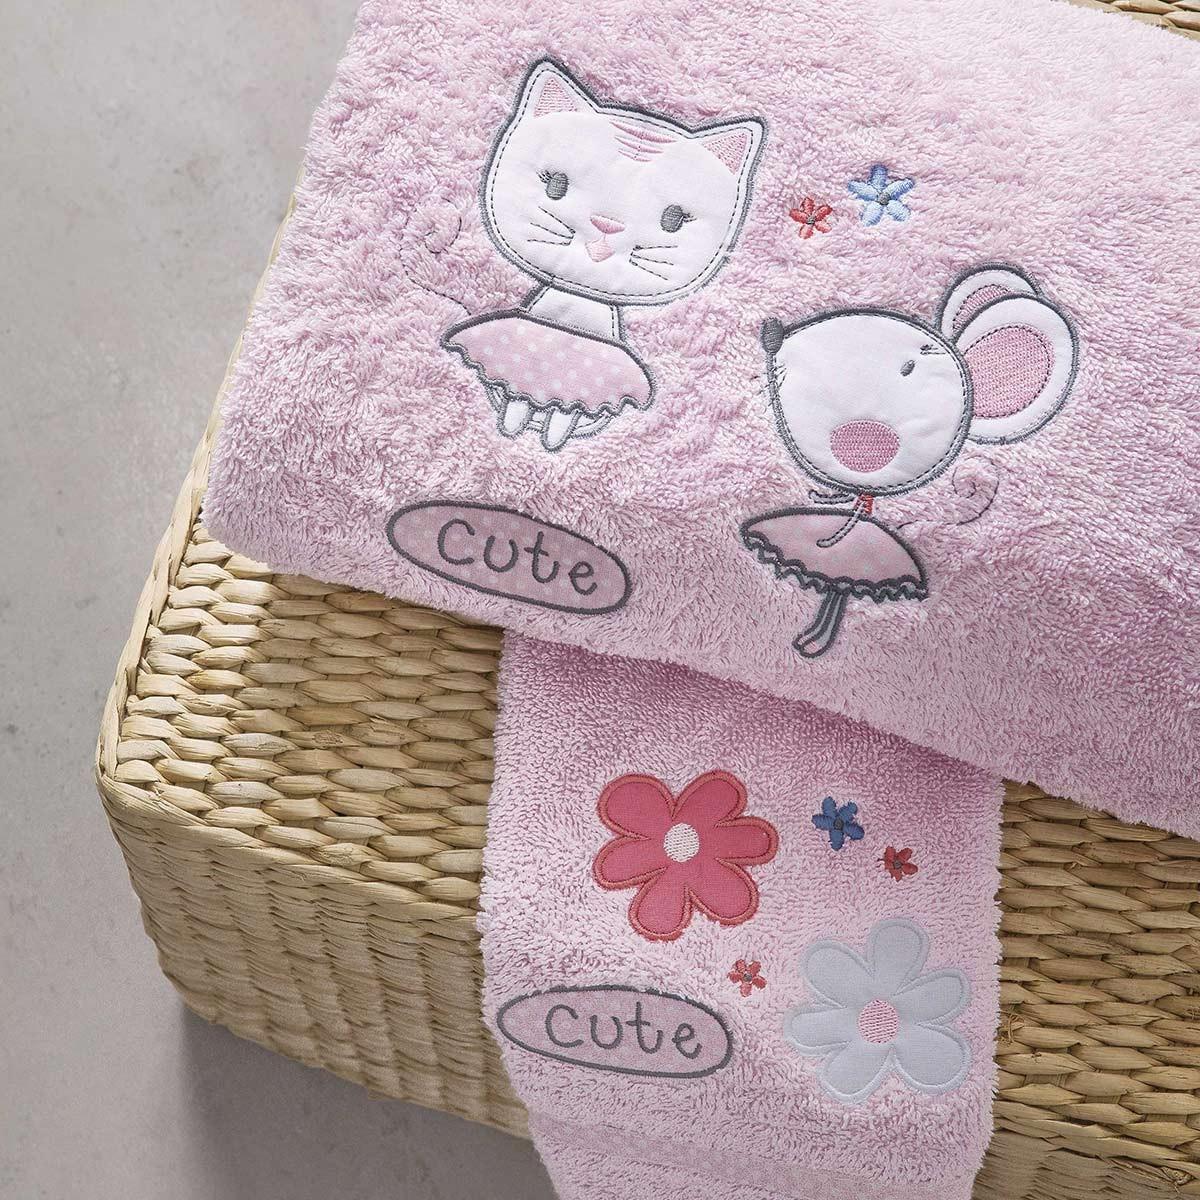 Βρεφικές Πετσέτες (Σετ 2τμχ) Nima Cutie Cat